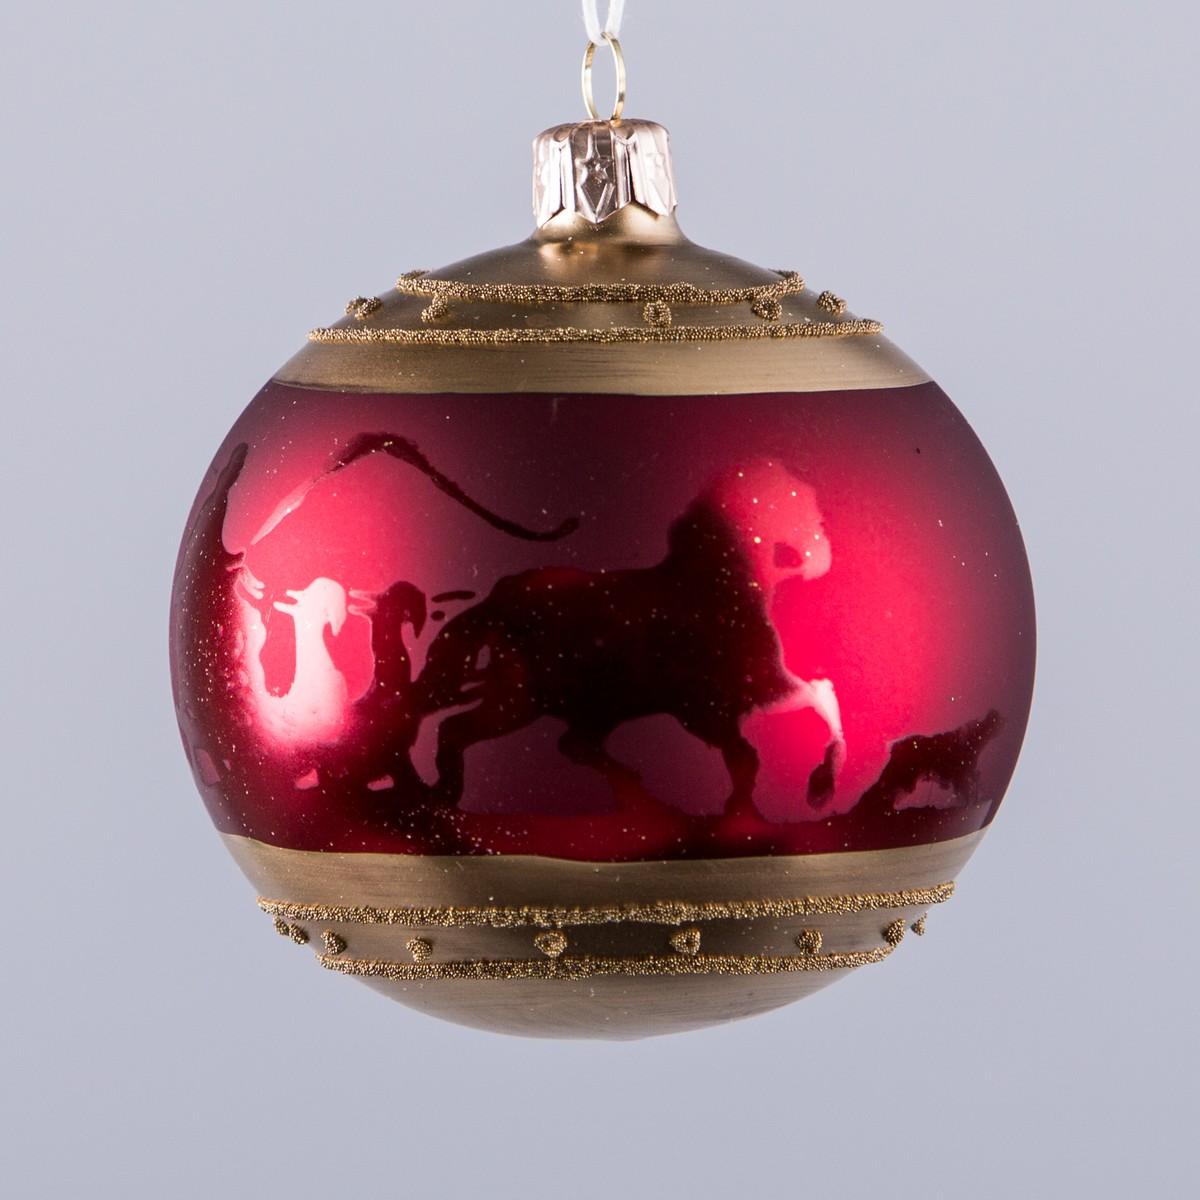 boule chevaux avec traineau bordeaux or 80mm rouge bordeaux 8cm schilliger. Black Bedroom Furniture Sets. Home Design Ideas